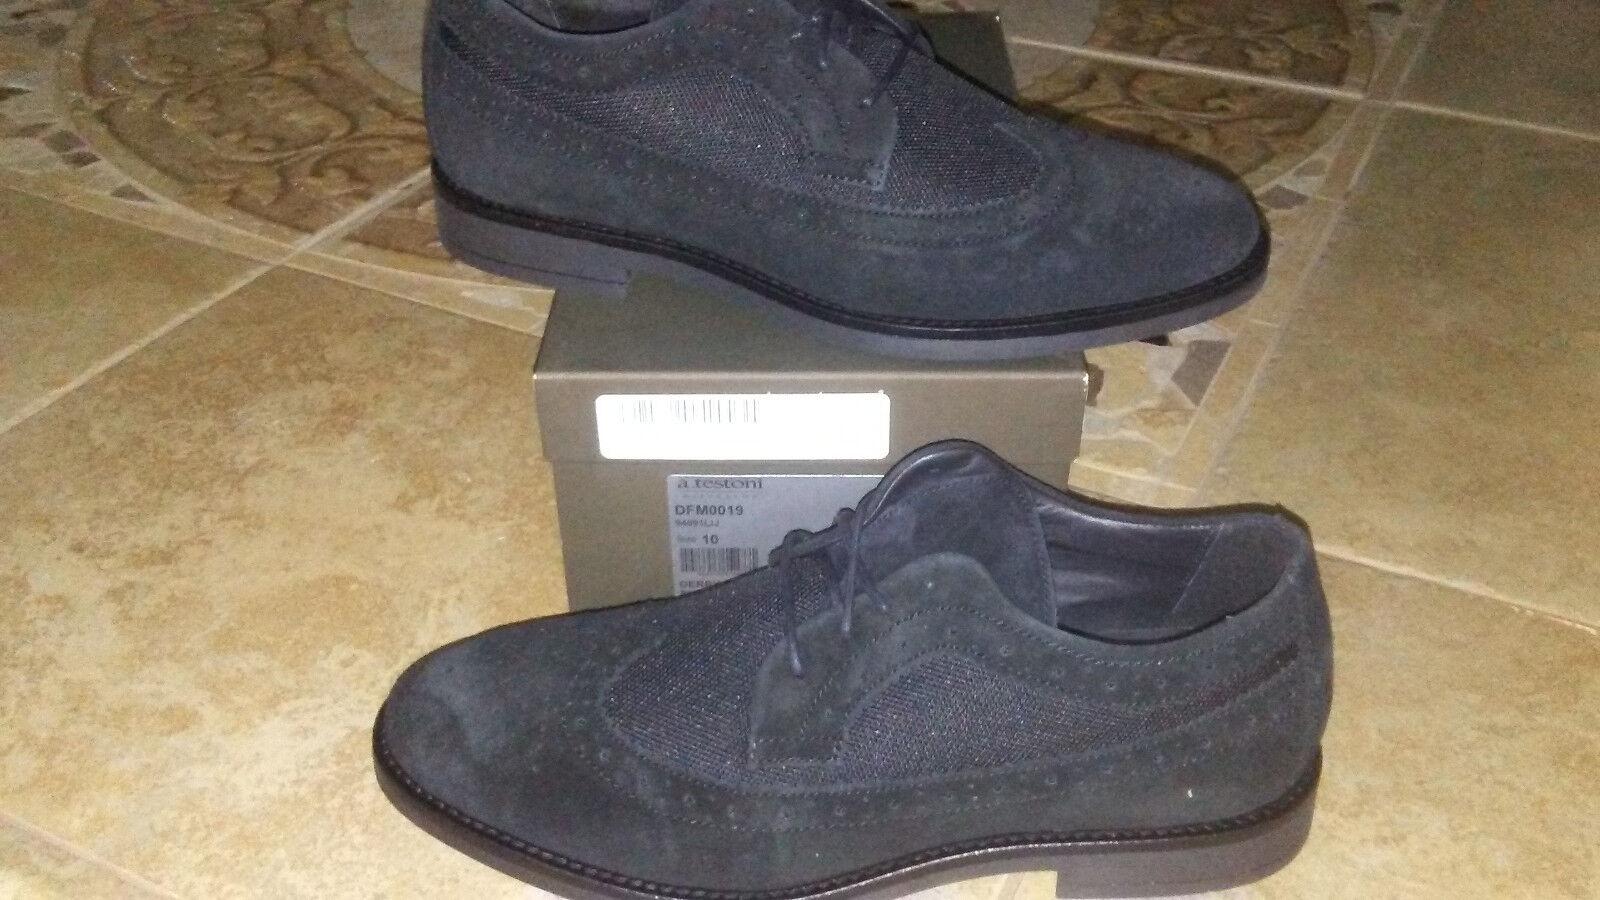 marchi di stilisti economici NEW  380 Uomo A. Testoni Testoni Testoni Diffusion Suede and Nylon Oxford scarpe, Dimensione 10 D  ordina ora goditi un grande sconto